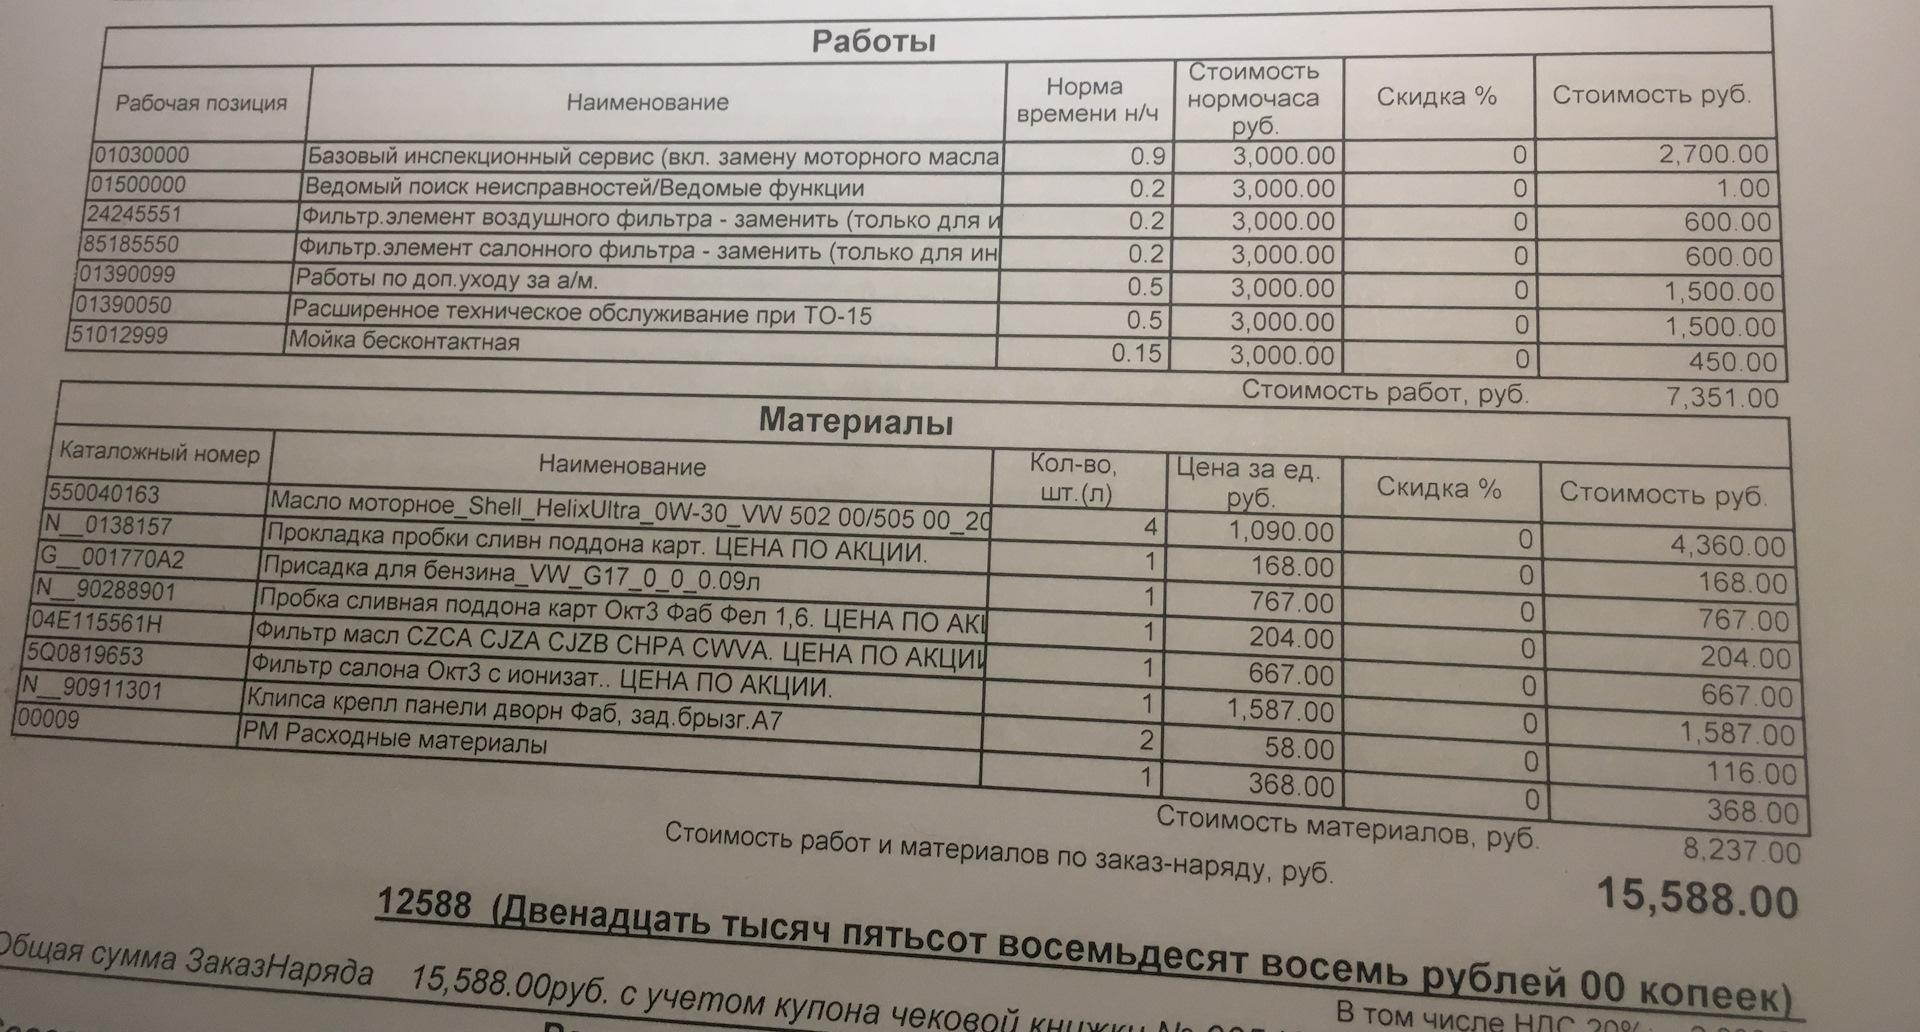 Работы стоимость часы нормо часы продам украине золотые в